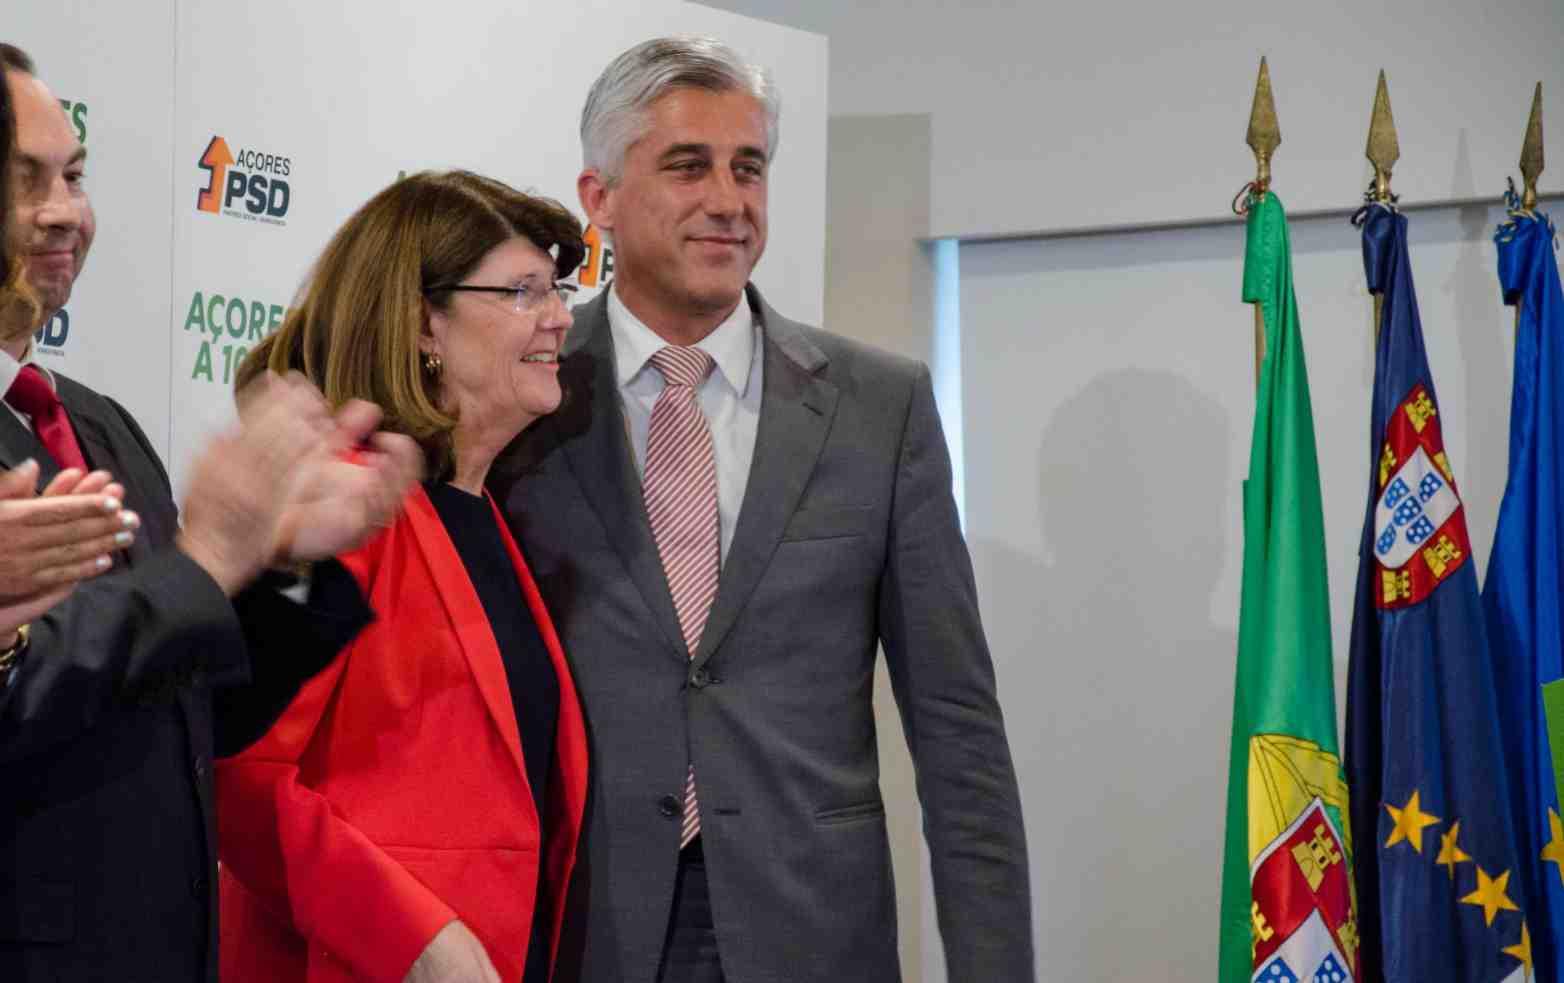 Duarte Freitas quer deputados próximos dos cidadãos e em diálogo permanente com os açorianos